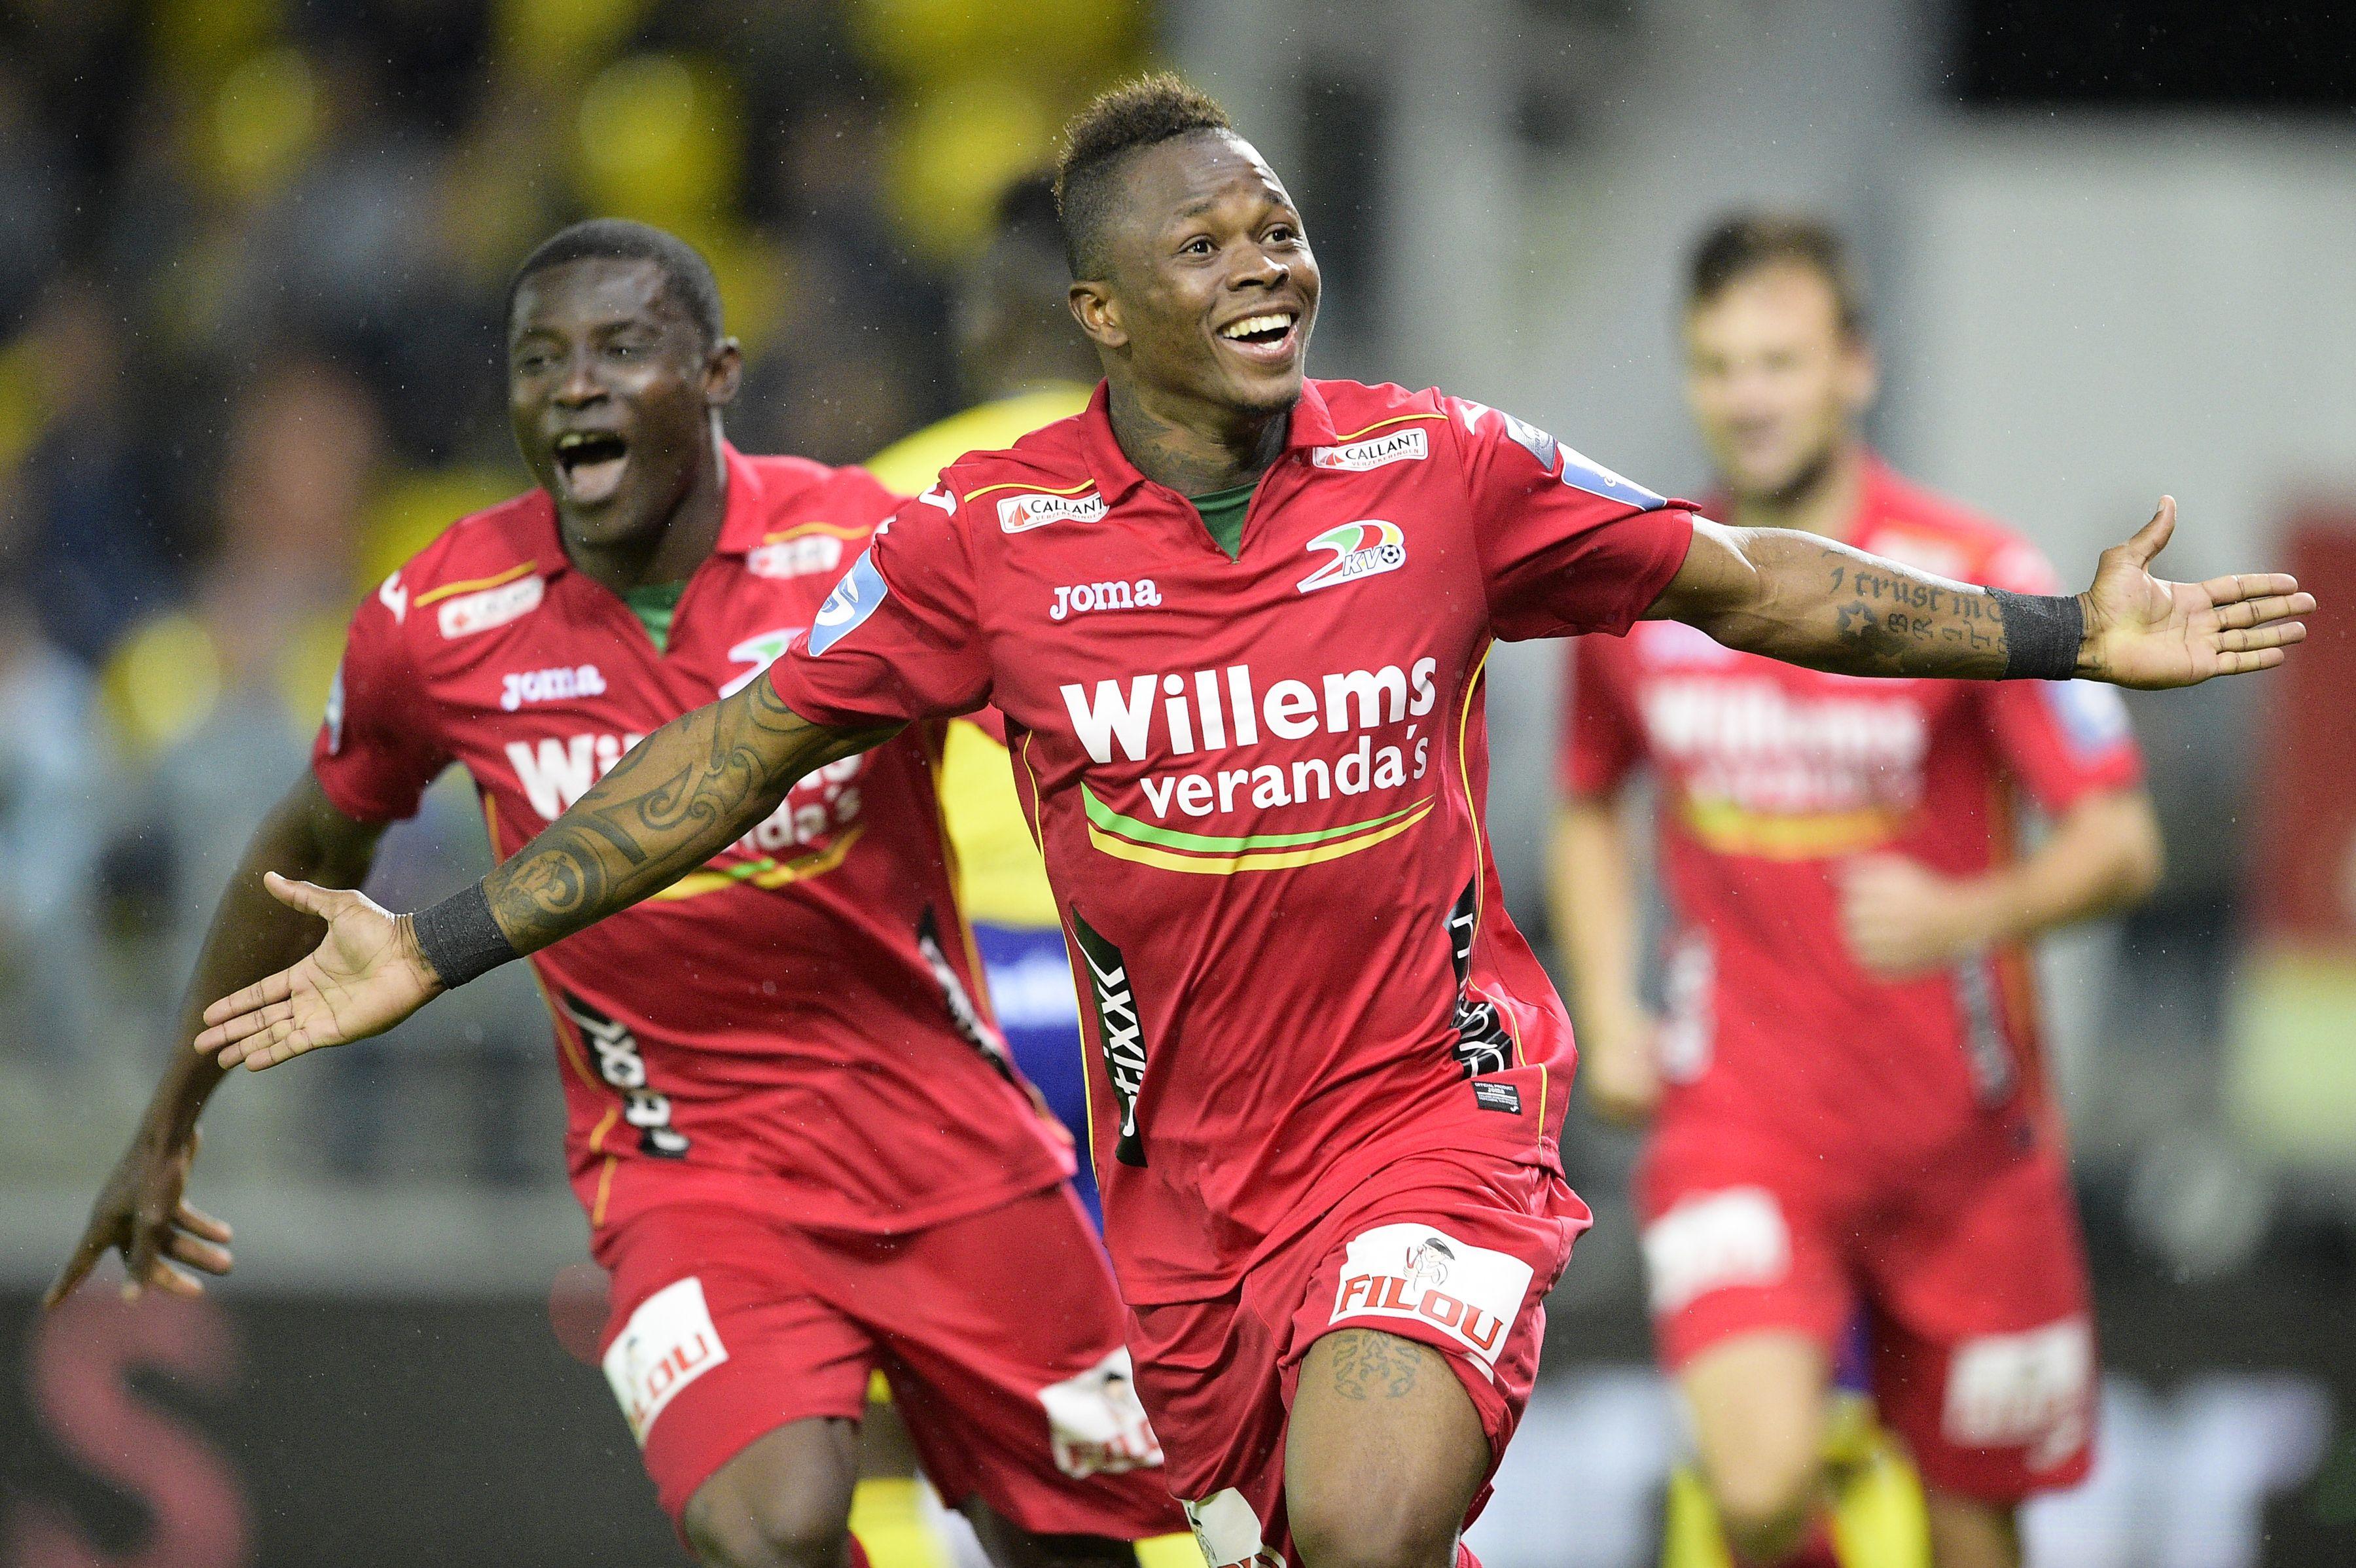 Gohi Bi Cyriac scoorde een hattrick voor KV Oostende en was dé uitblinker van de speeldag. (foto belga)